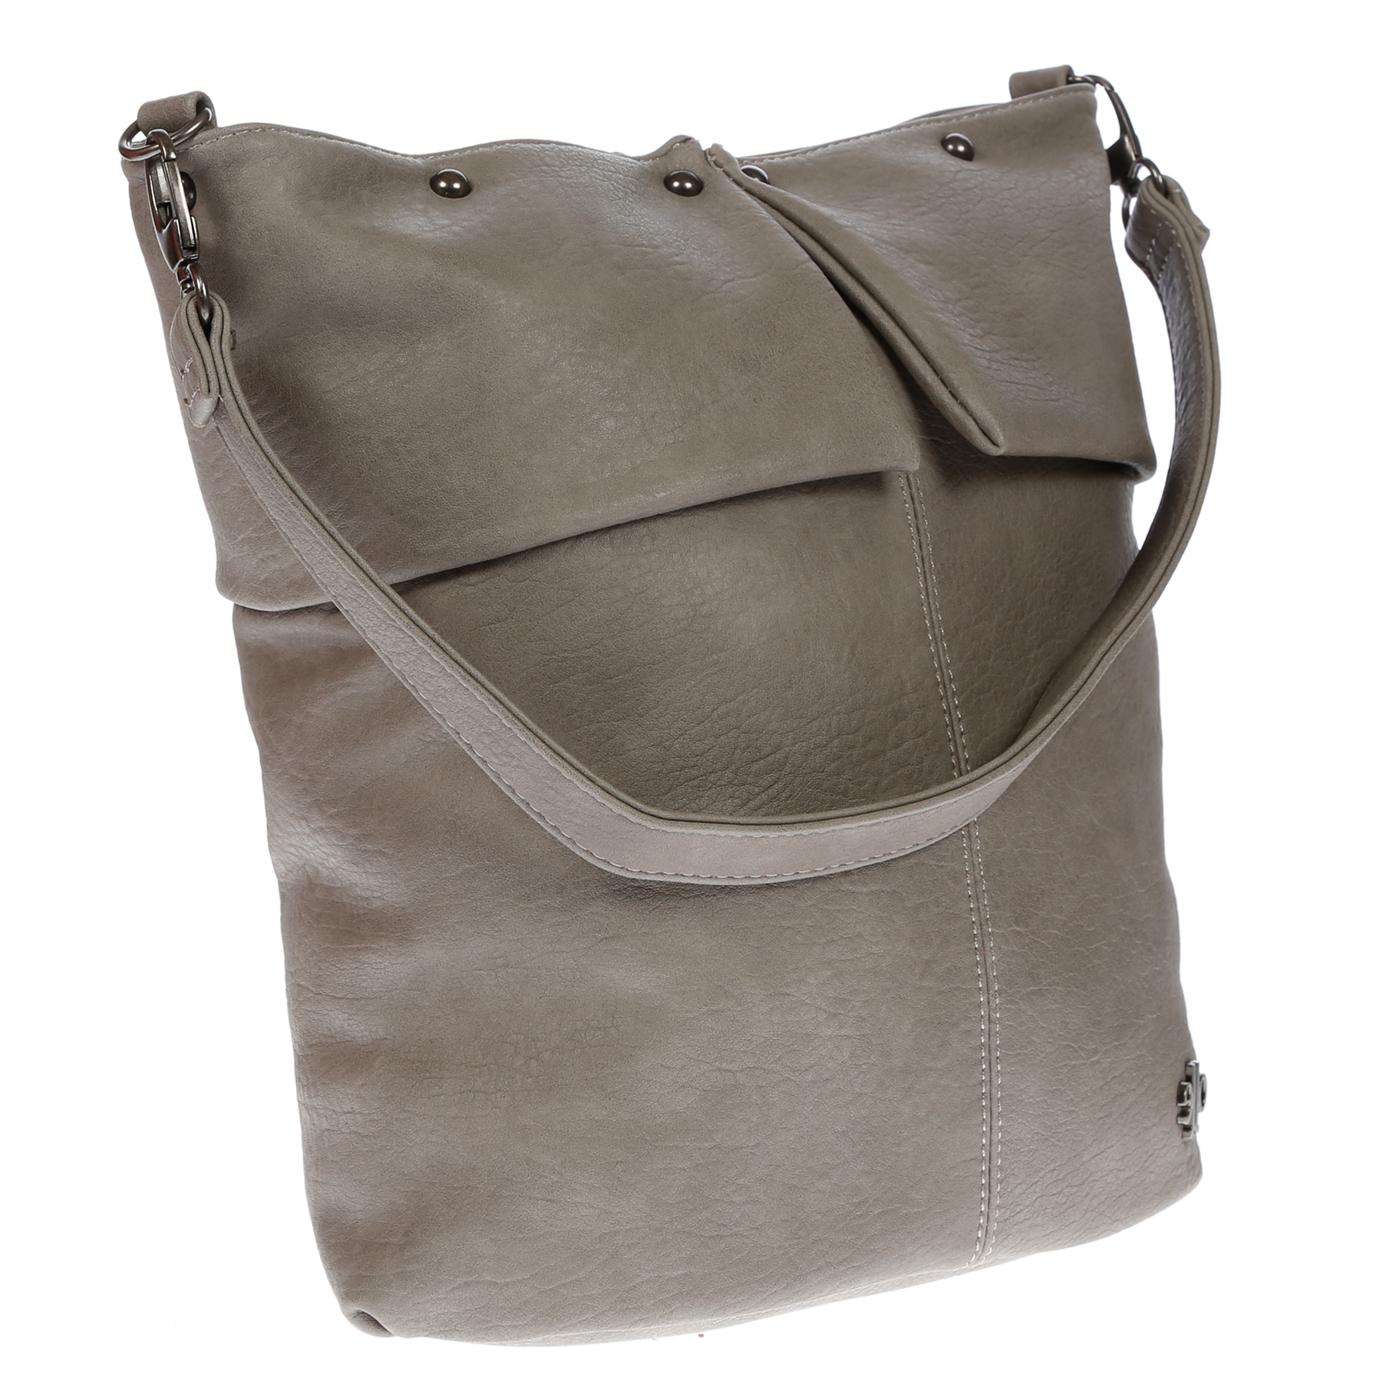 Damentasche-Umhaengetasche-Handtasche-Schultertasche-Leder-Optik-Tasche-Schwarz Indexbild 21